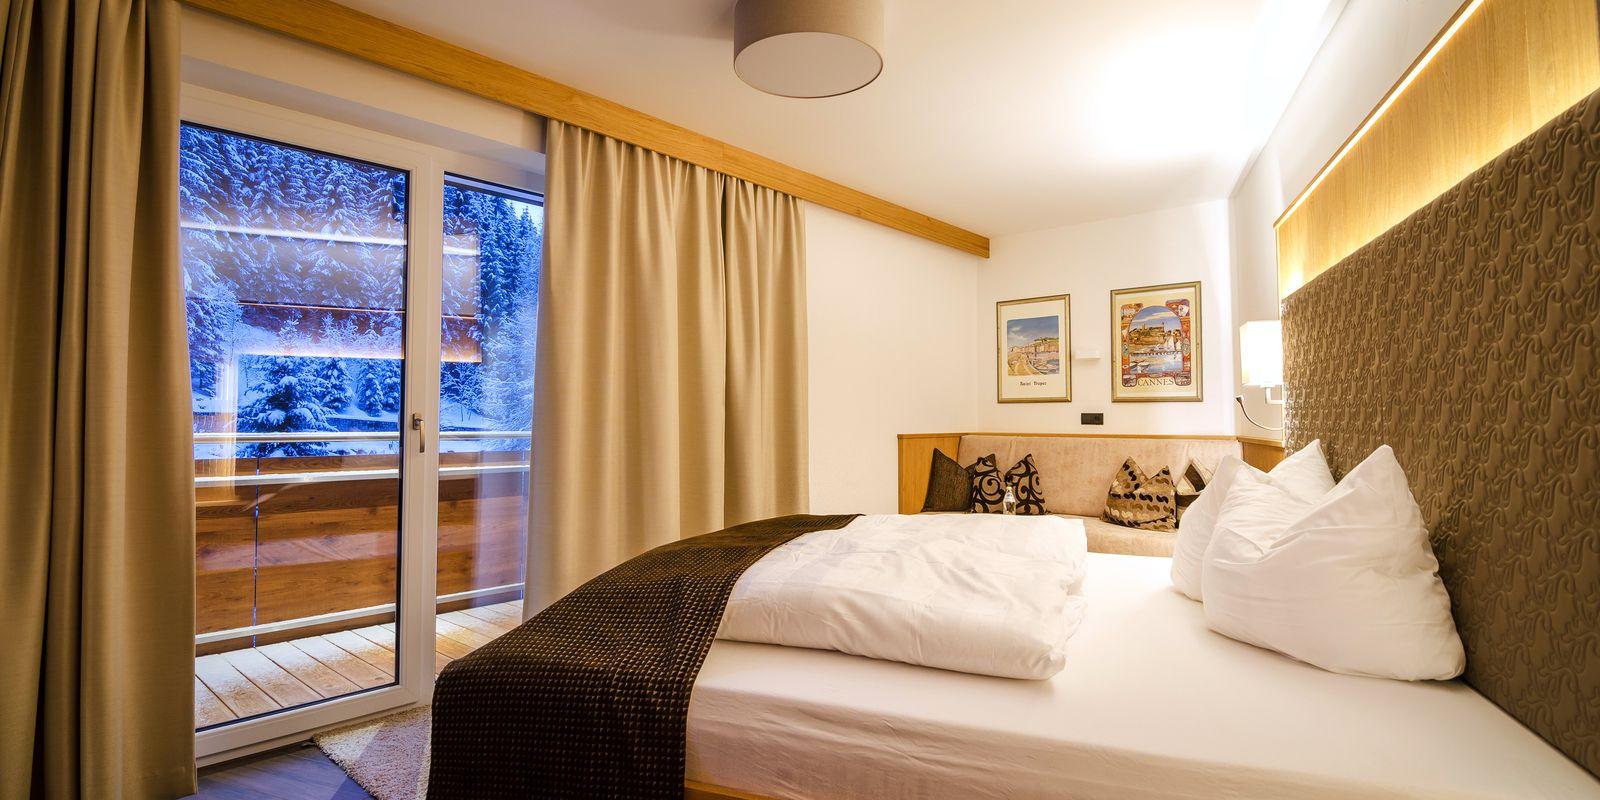 Superior Doppelzimmer mit Aussicht auf Winterlandschaft